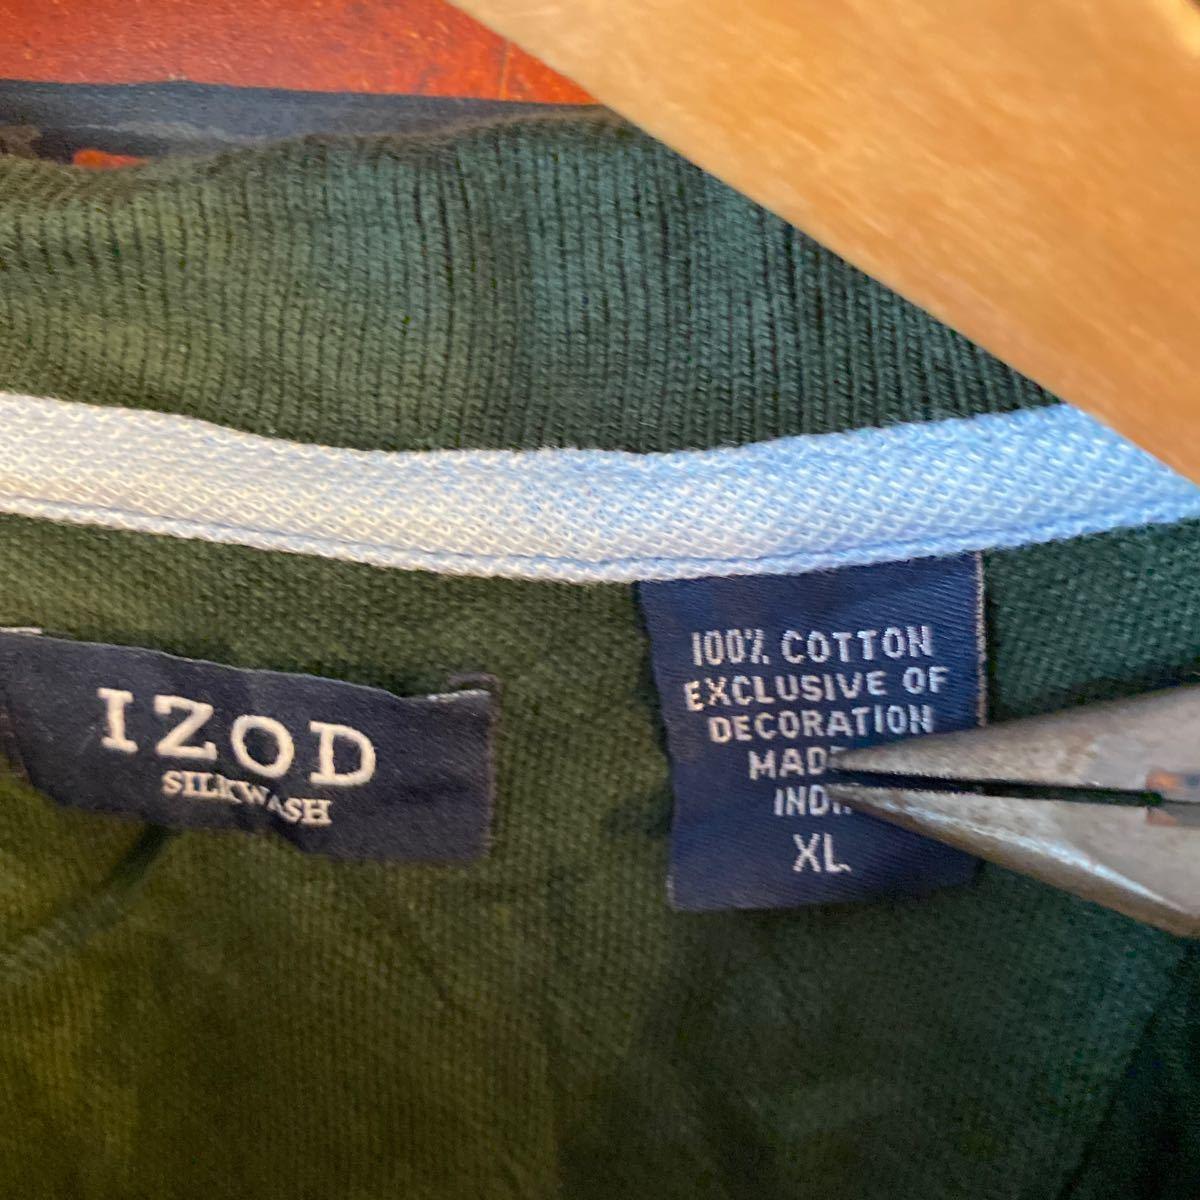 1円スタート ポロシャツ クールビズ まとめ売り 大量セット 6枚セット ワーク スタッフ アメリカ古着 XL _画像4